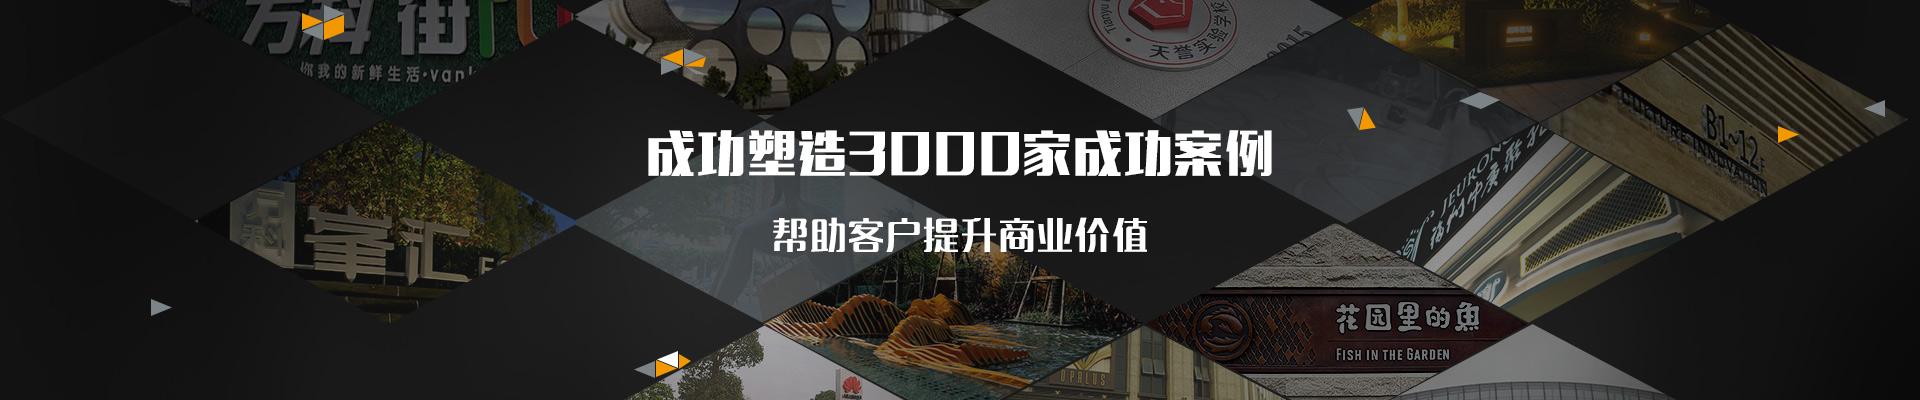 友昆标识,成功塑造3000家成功案例